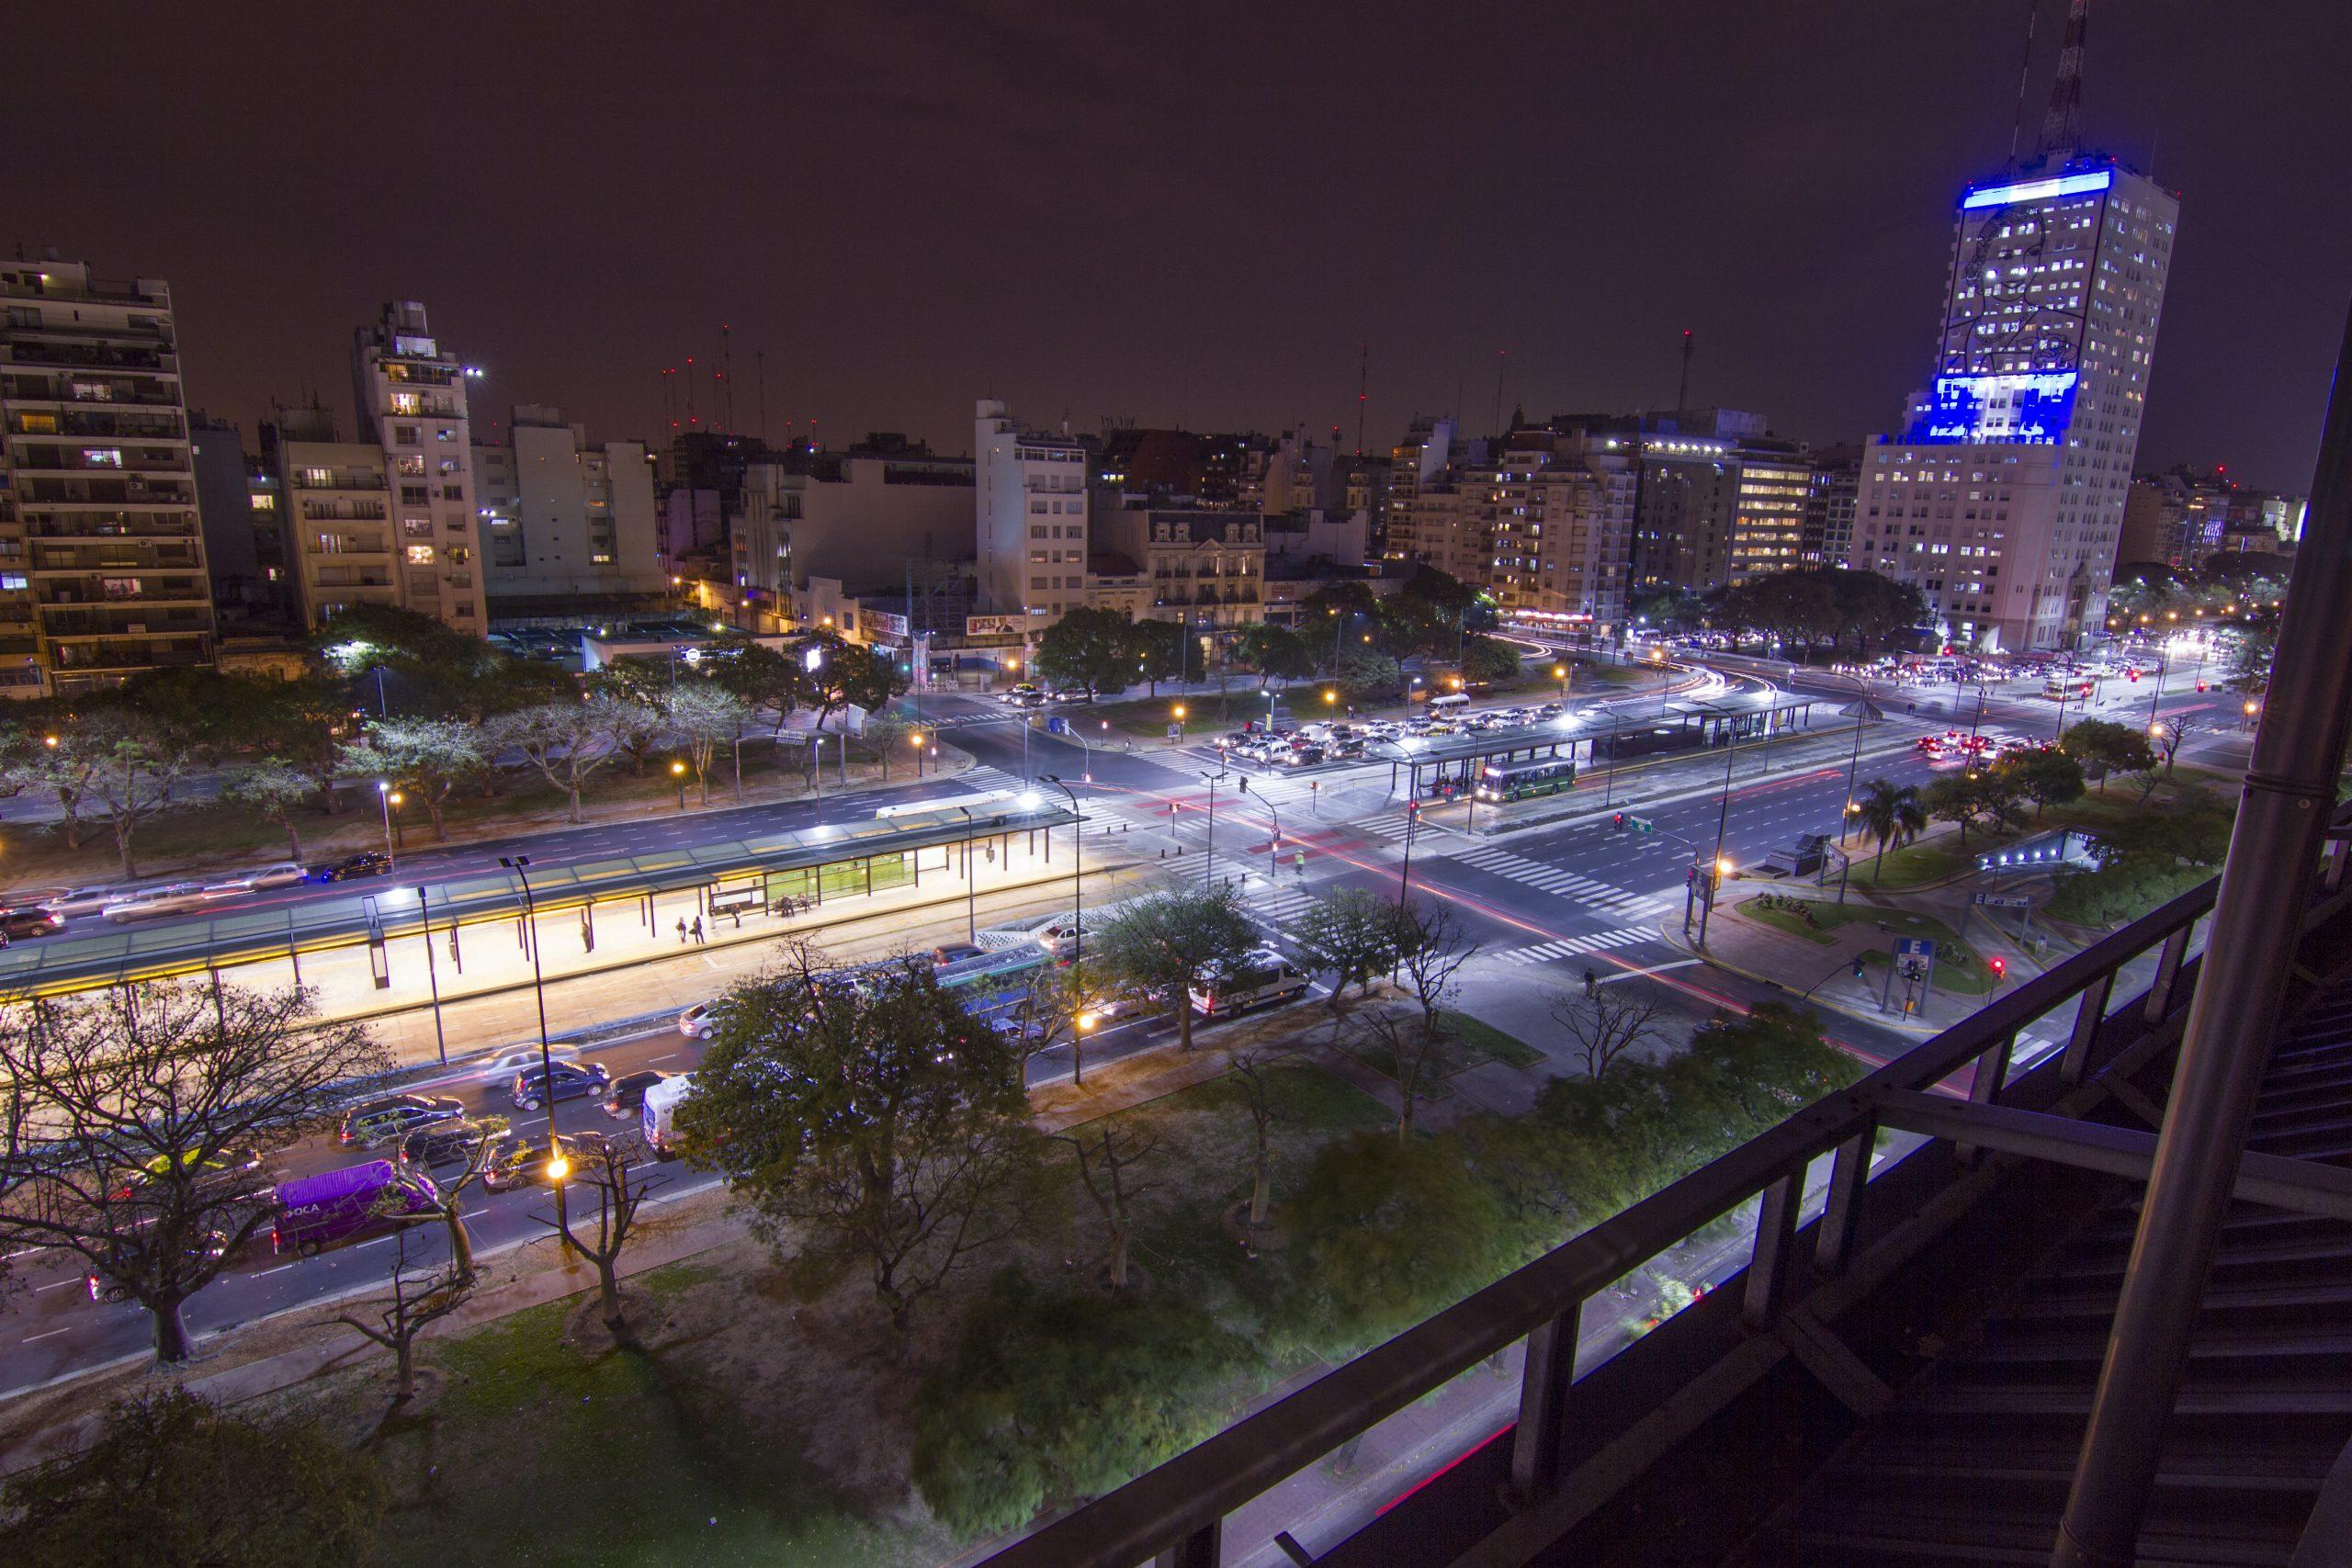 Sustentabilidade começa com um ecossistema de cidade inteligente